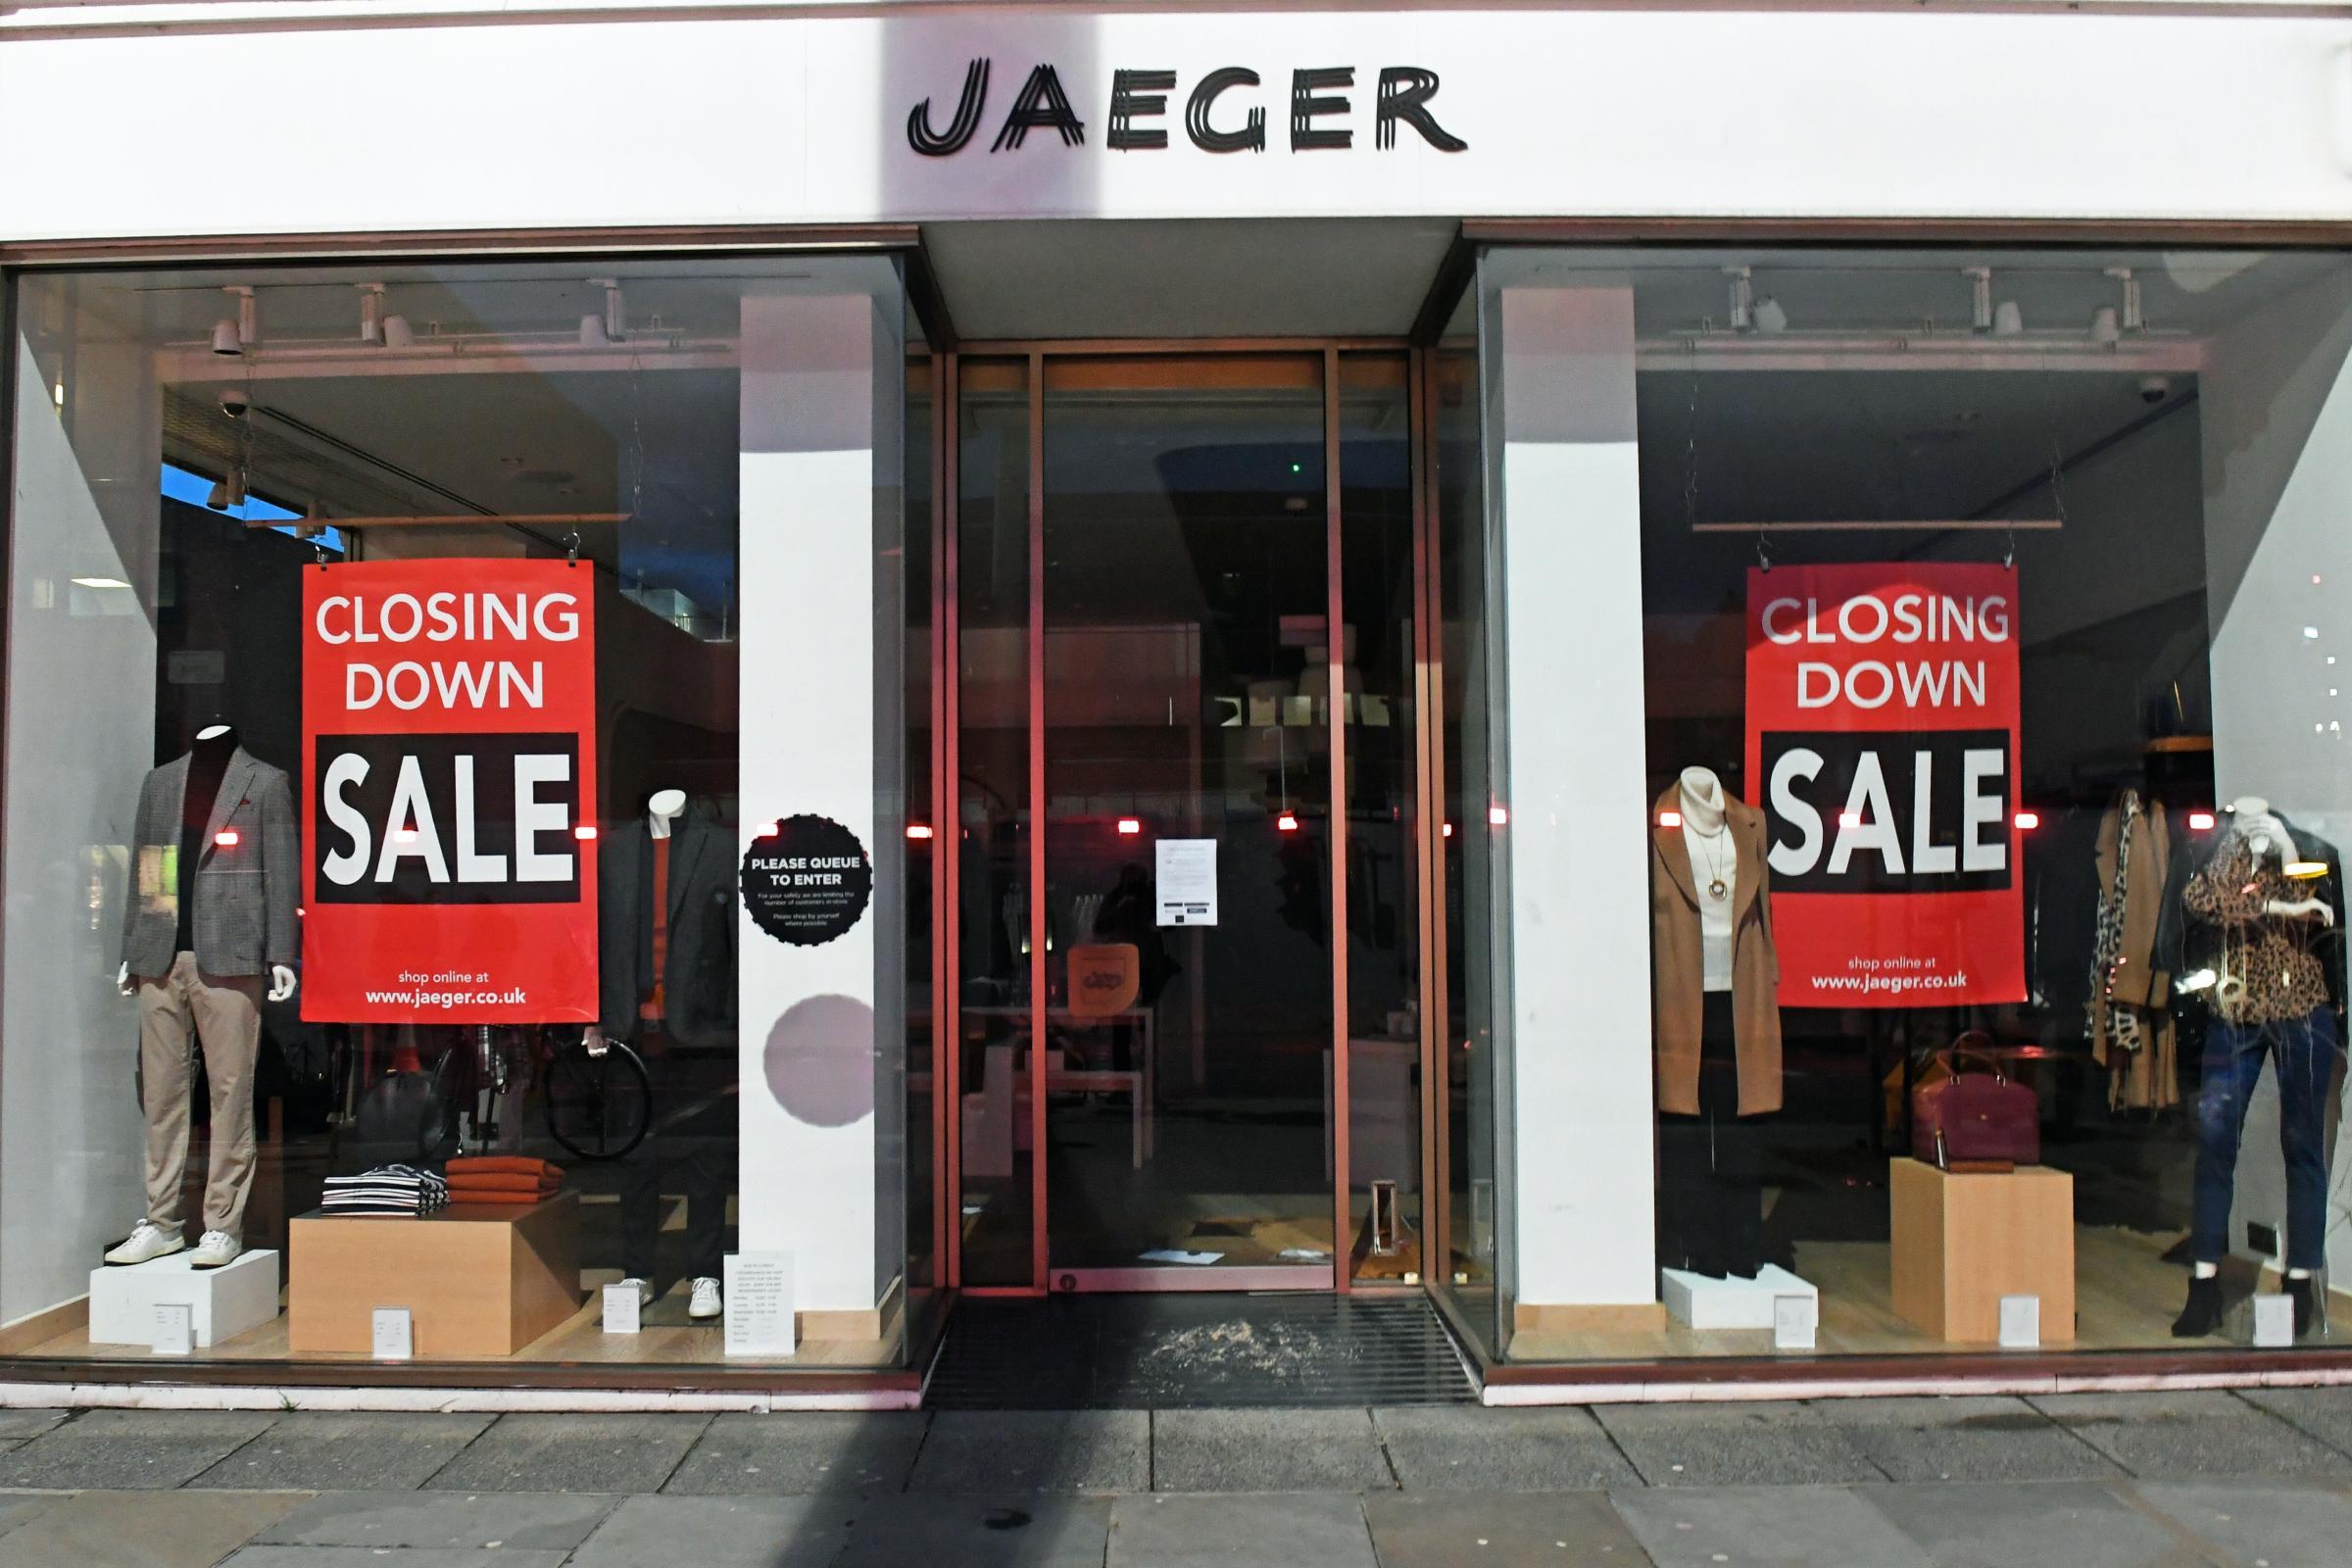 Jaeger To Axe 103 Jobs And Shut 13 Shops Kidderminster Shuttle